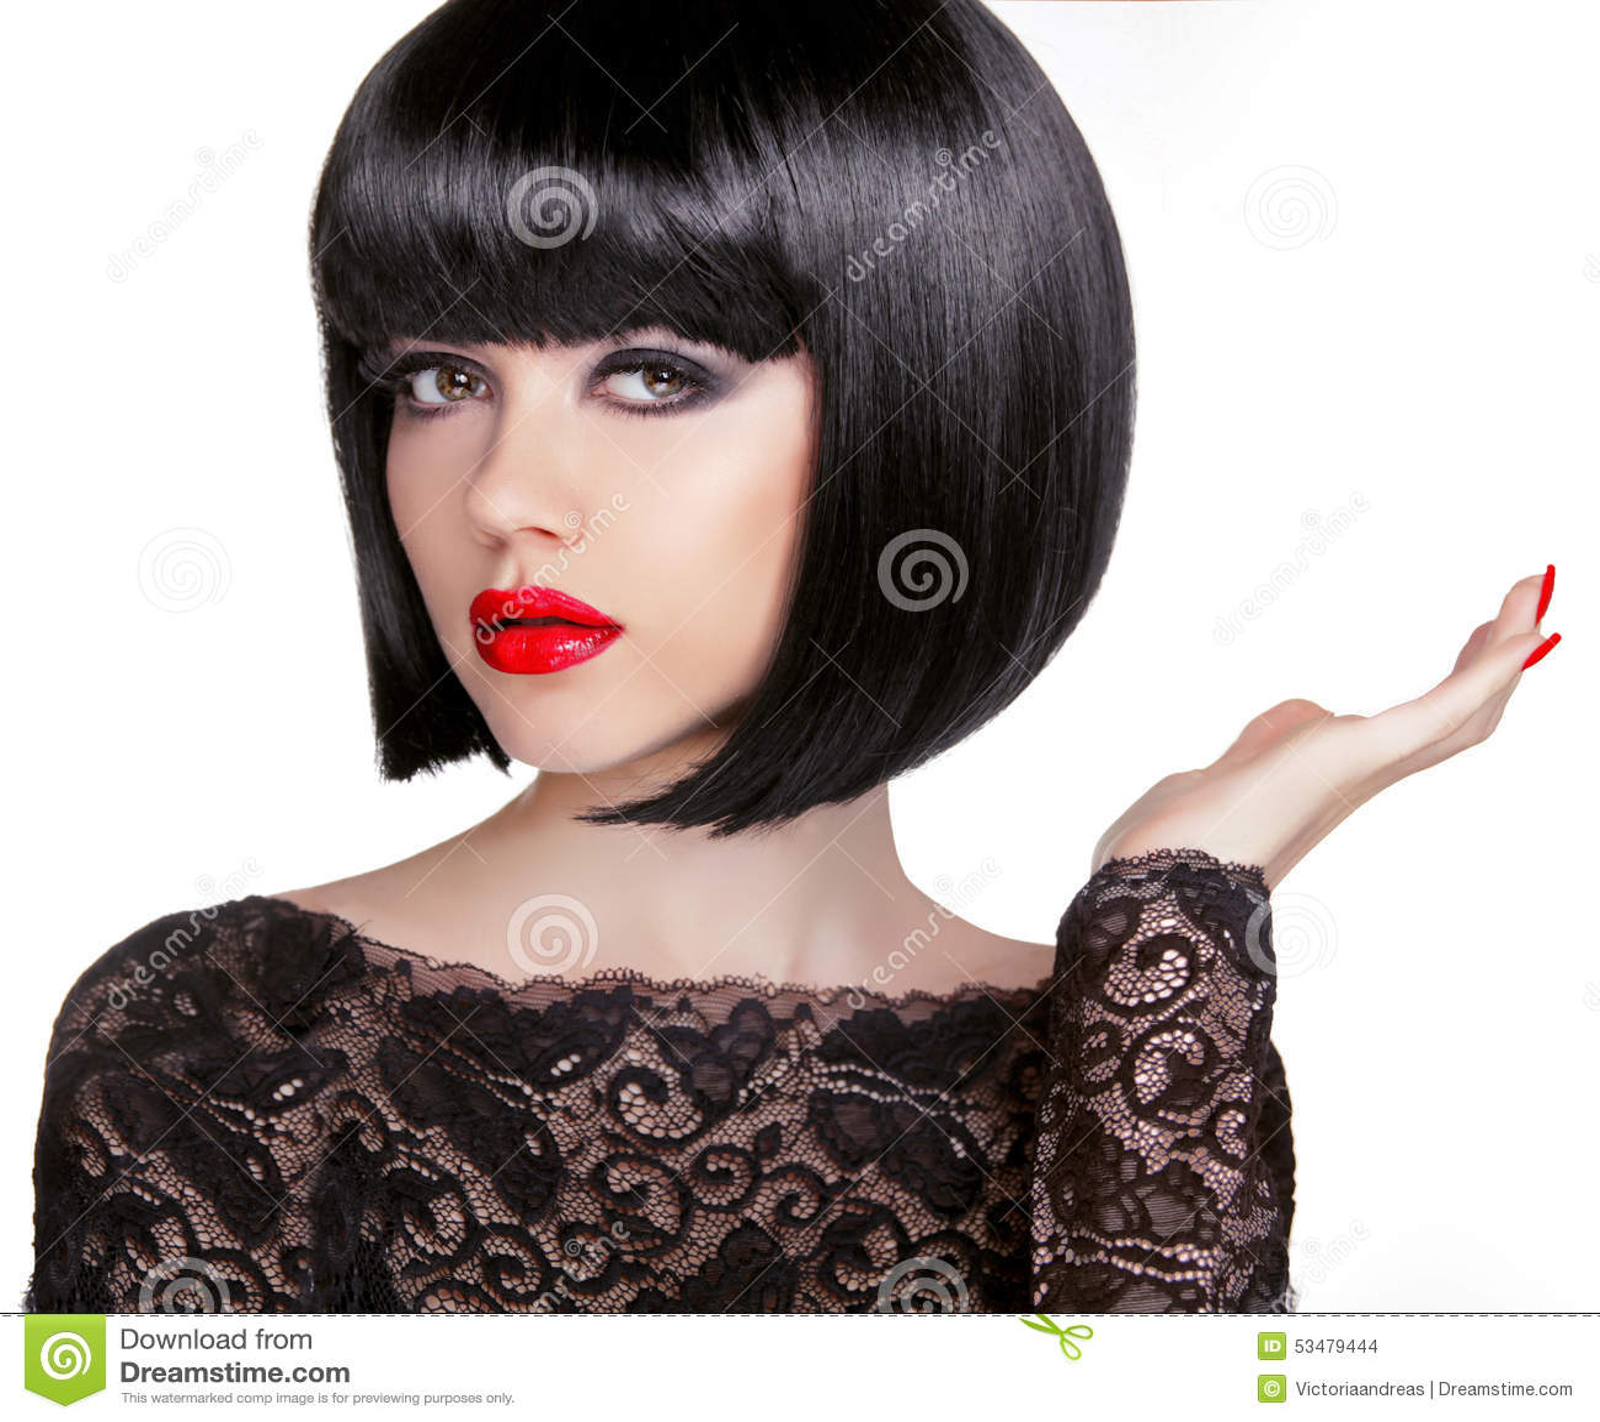 Bob Frisur Brunettemode Modell Mit Dem Schwarzen Kurzen Haar Und